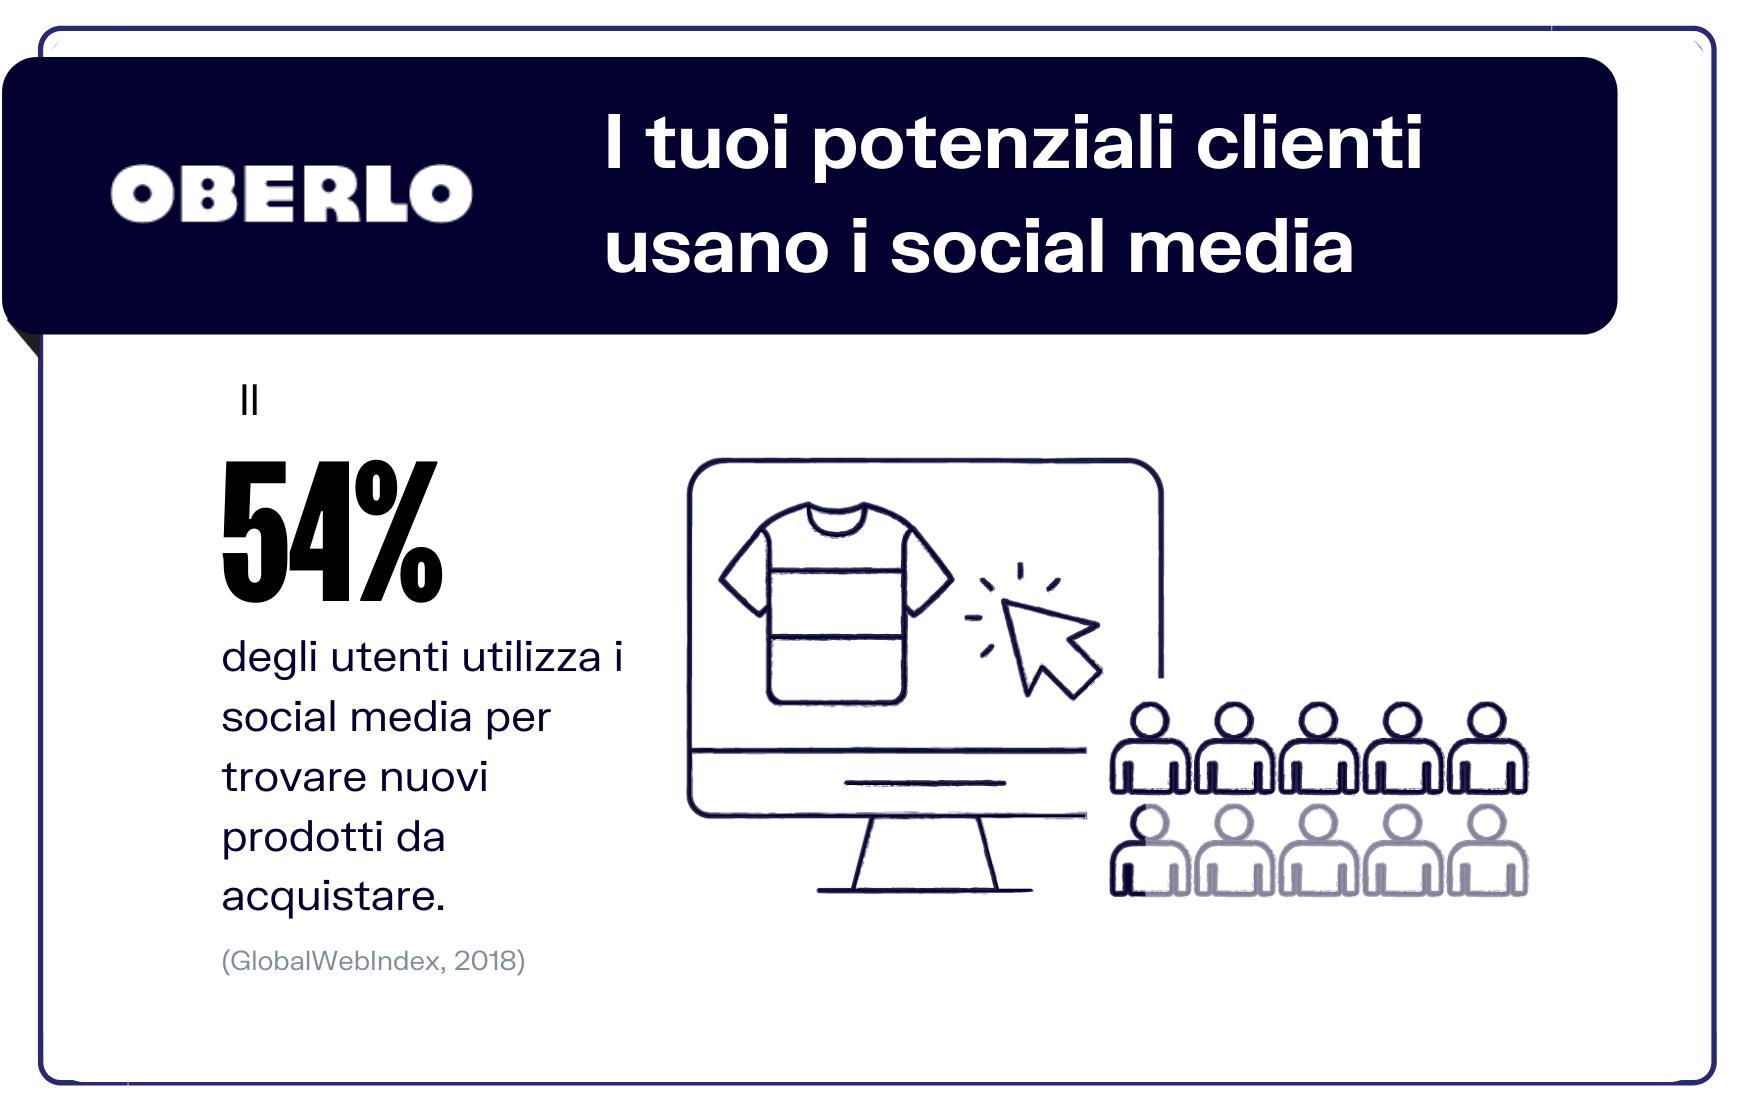 statistiche social media clienti